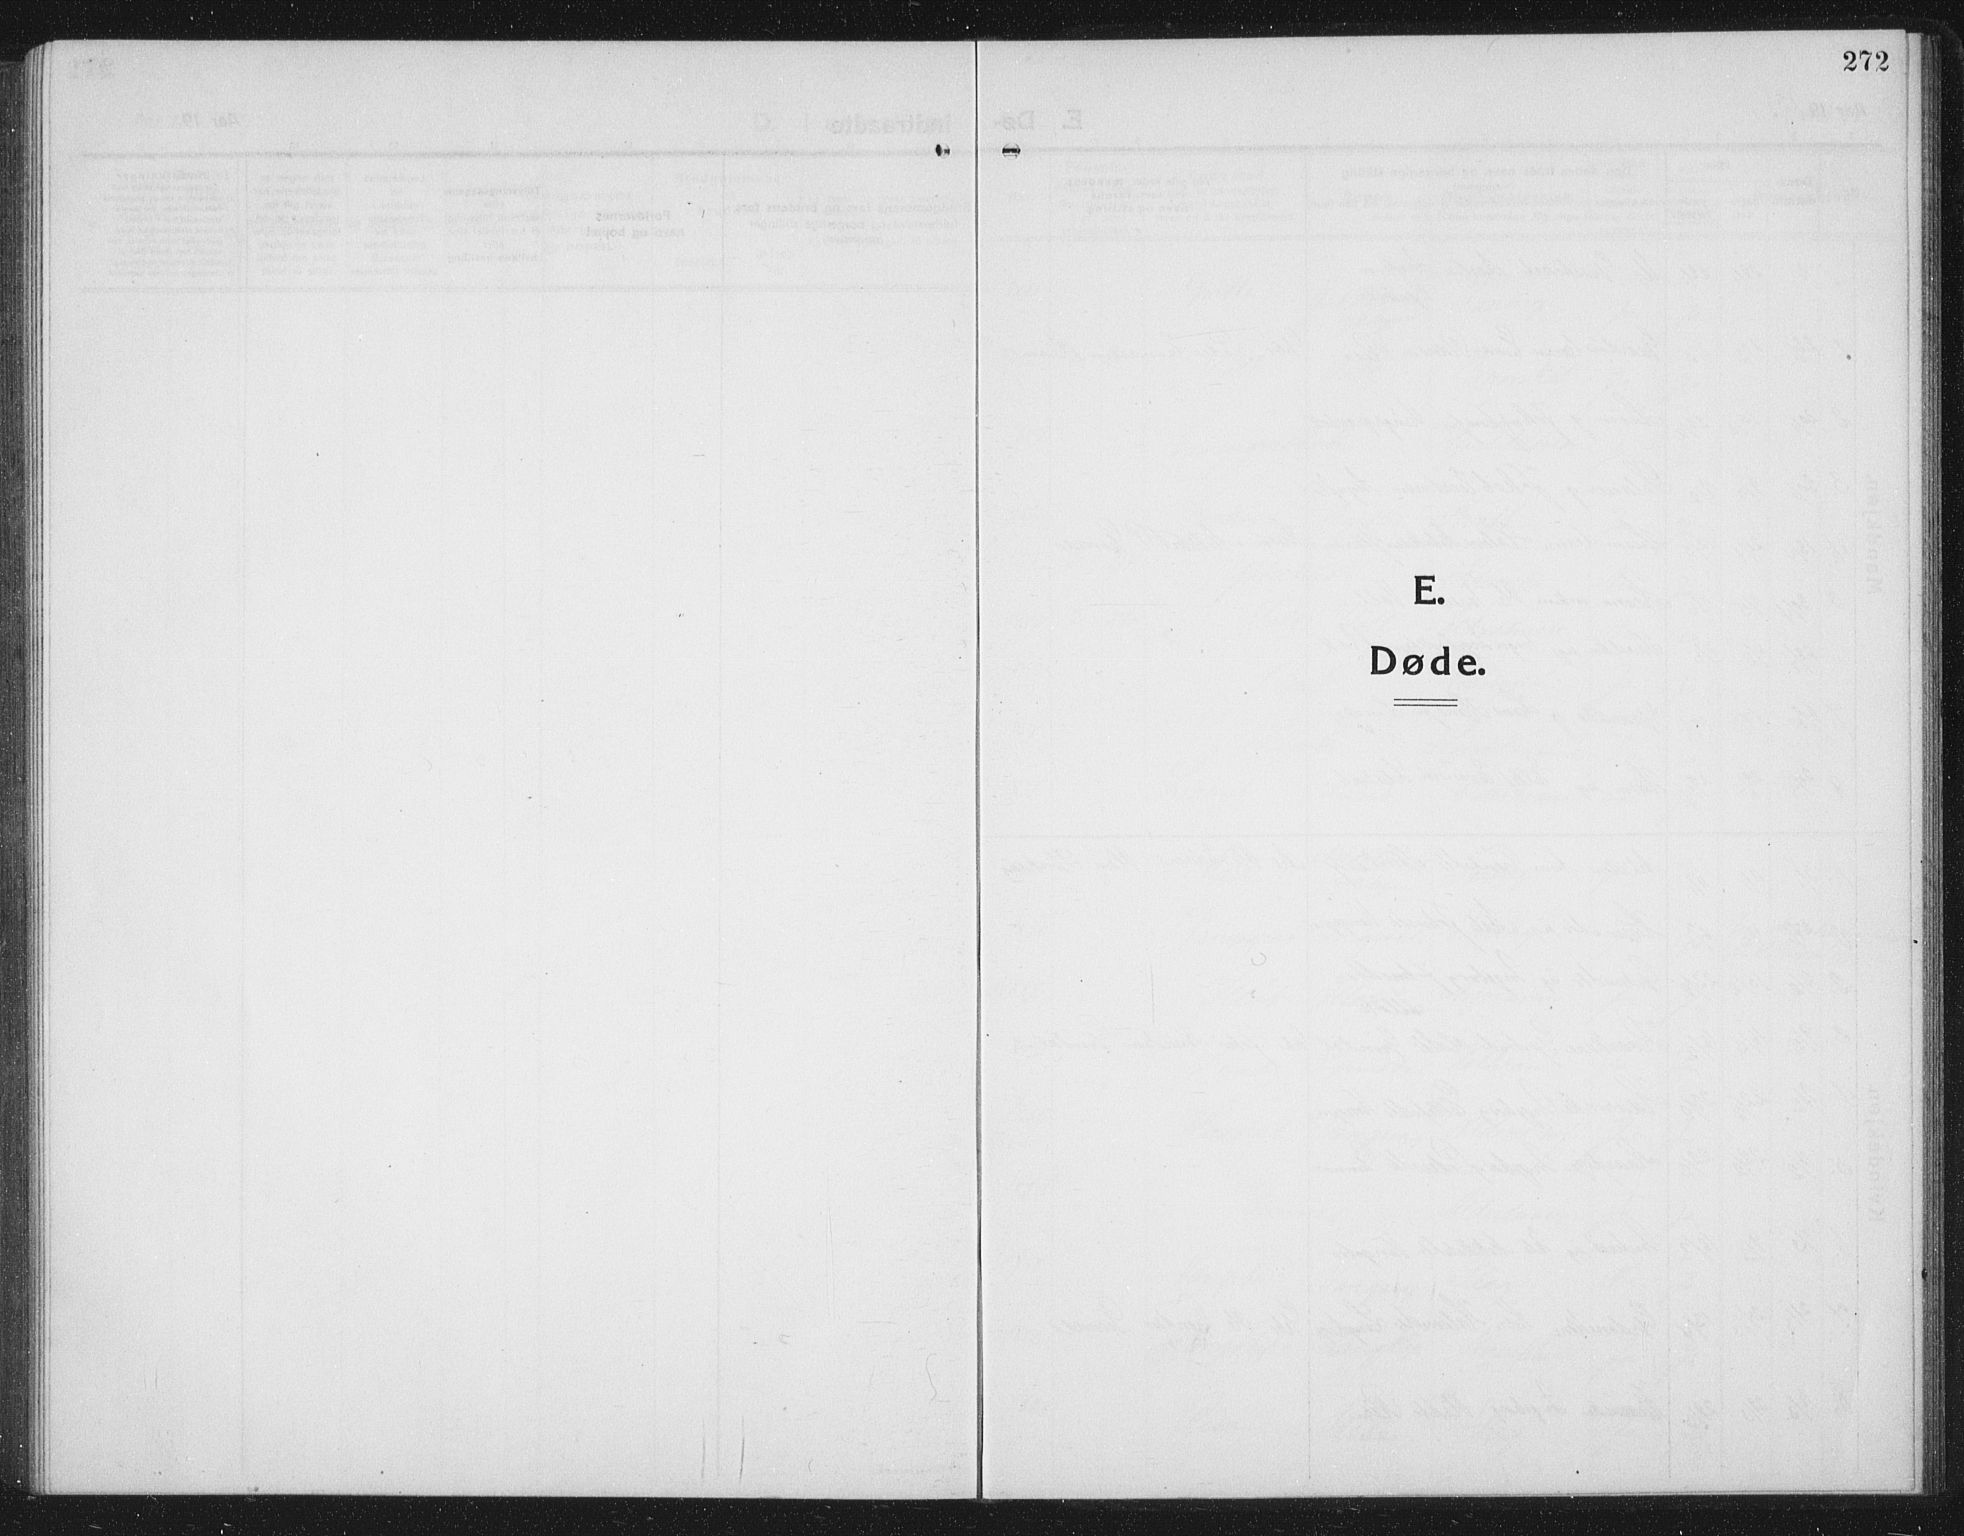 SAT, Ministerialprotokoller, klokkerbøker og fødselsregistre - Sør-Trøndelag, 674/L0877: Klokkerbok nr. 674C04, 1913-1940, s. 272